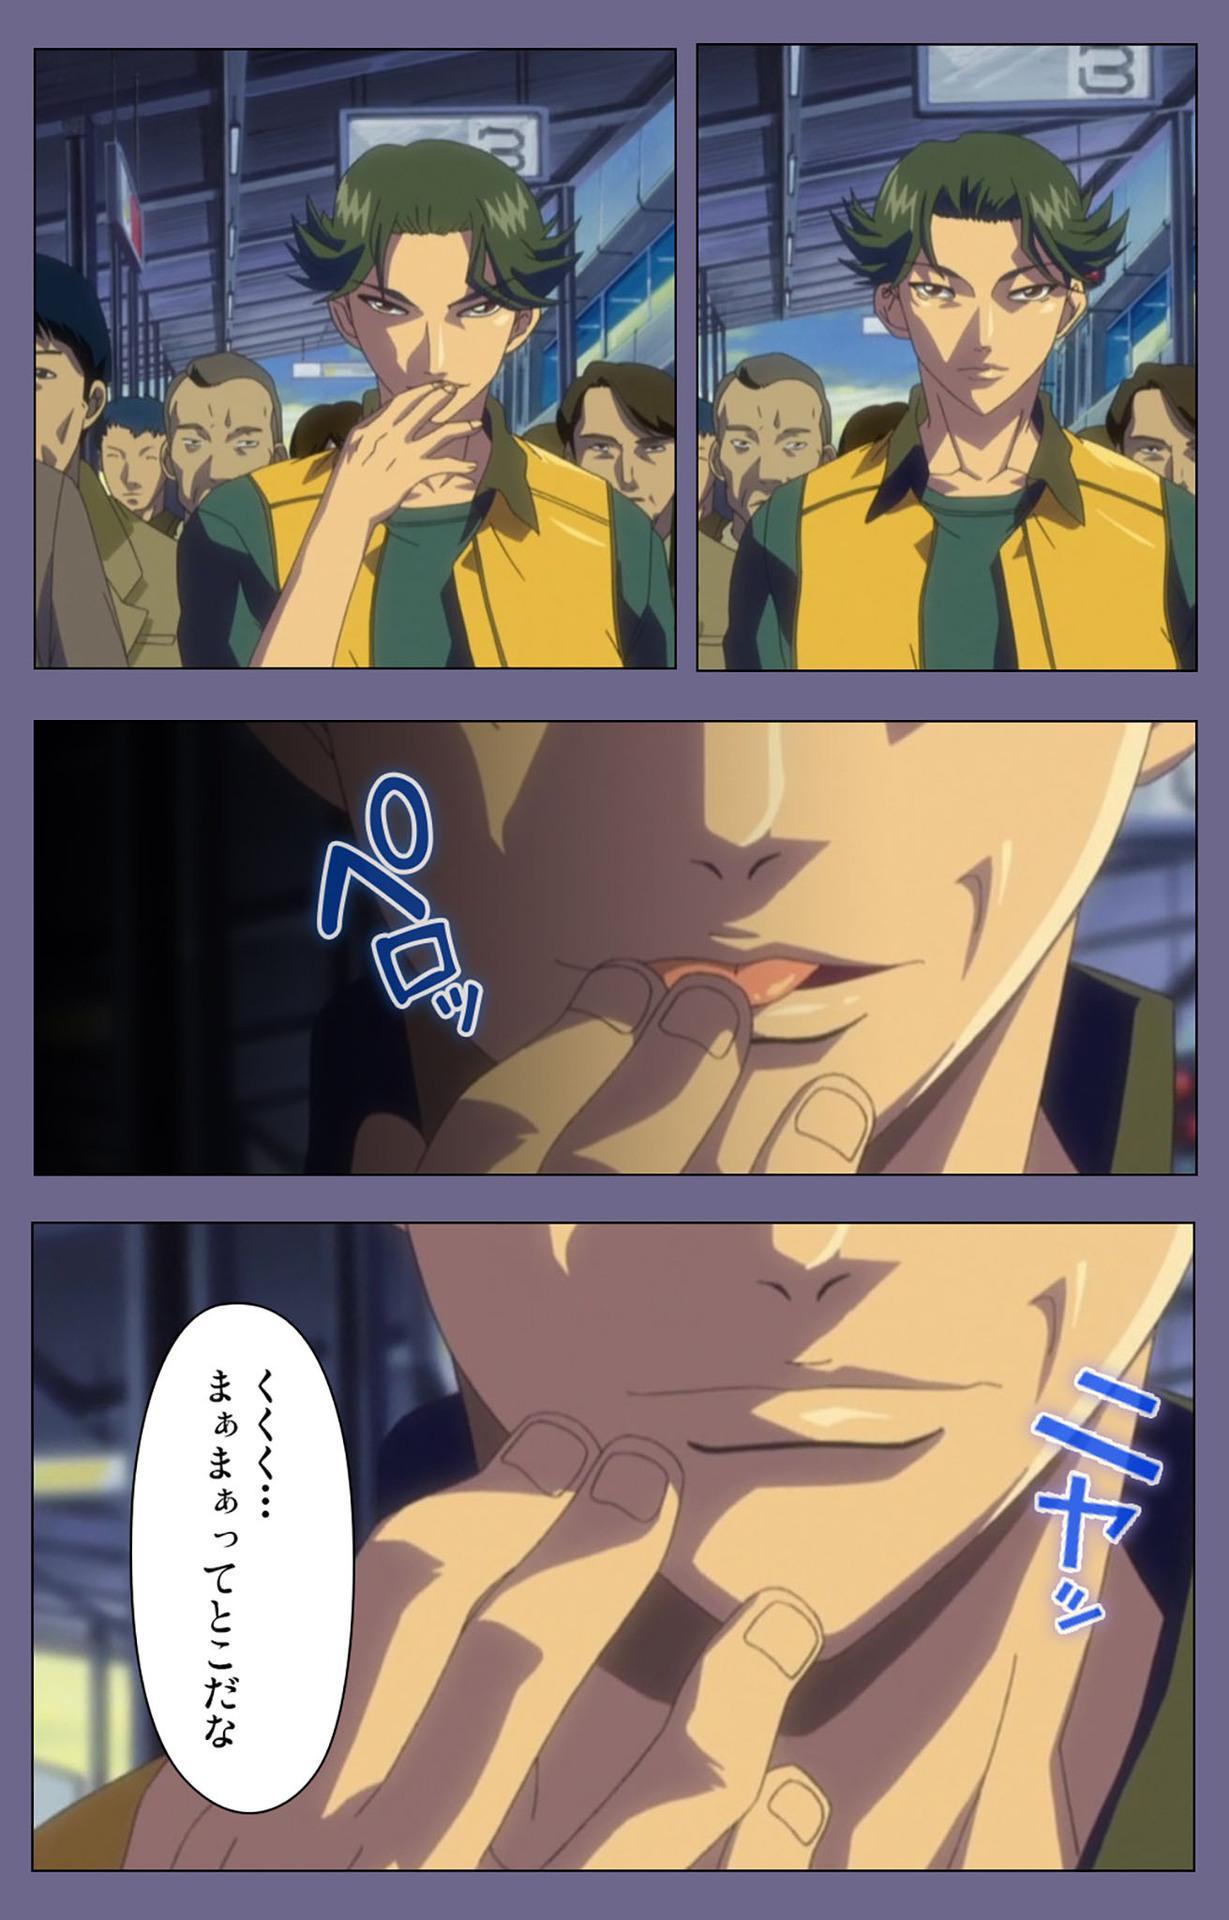 Itazura kanzenhan 44